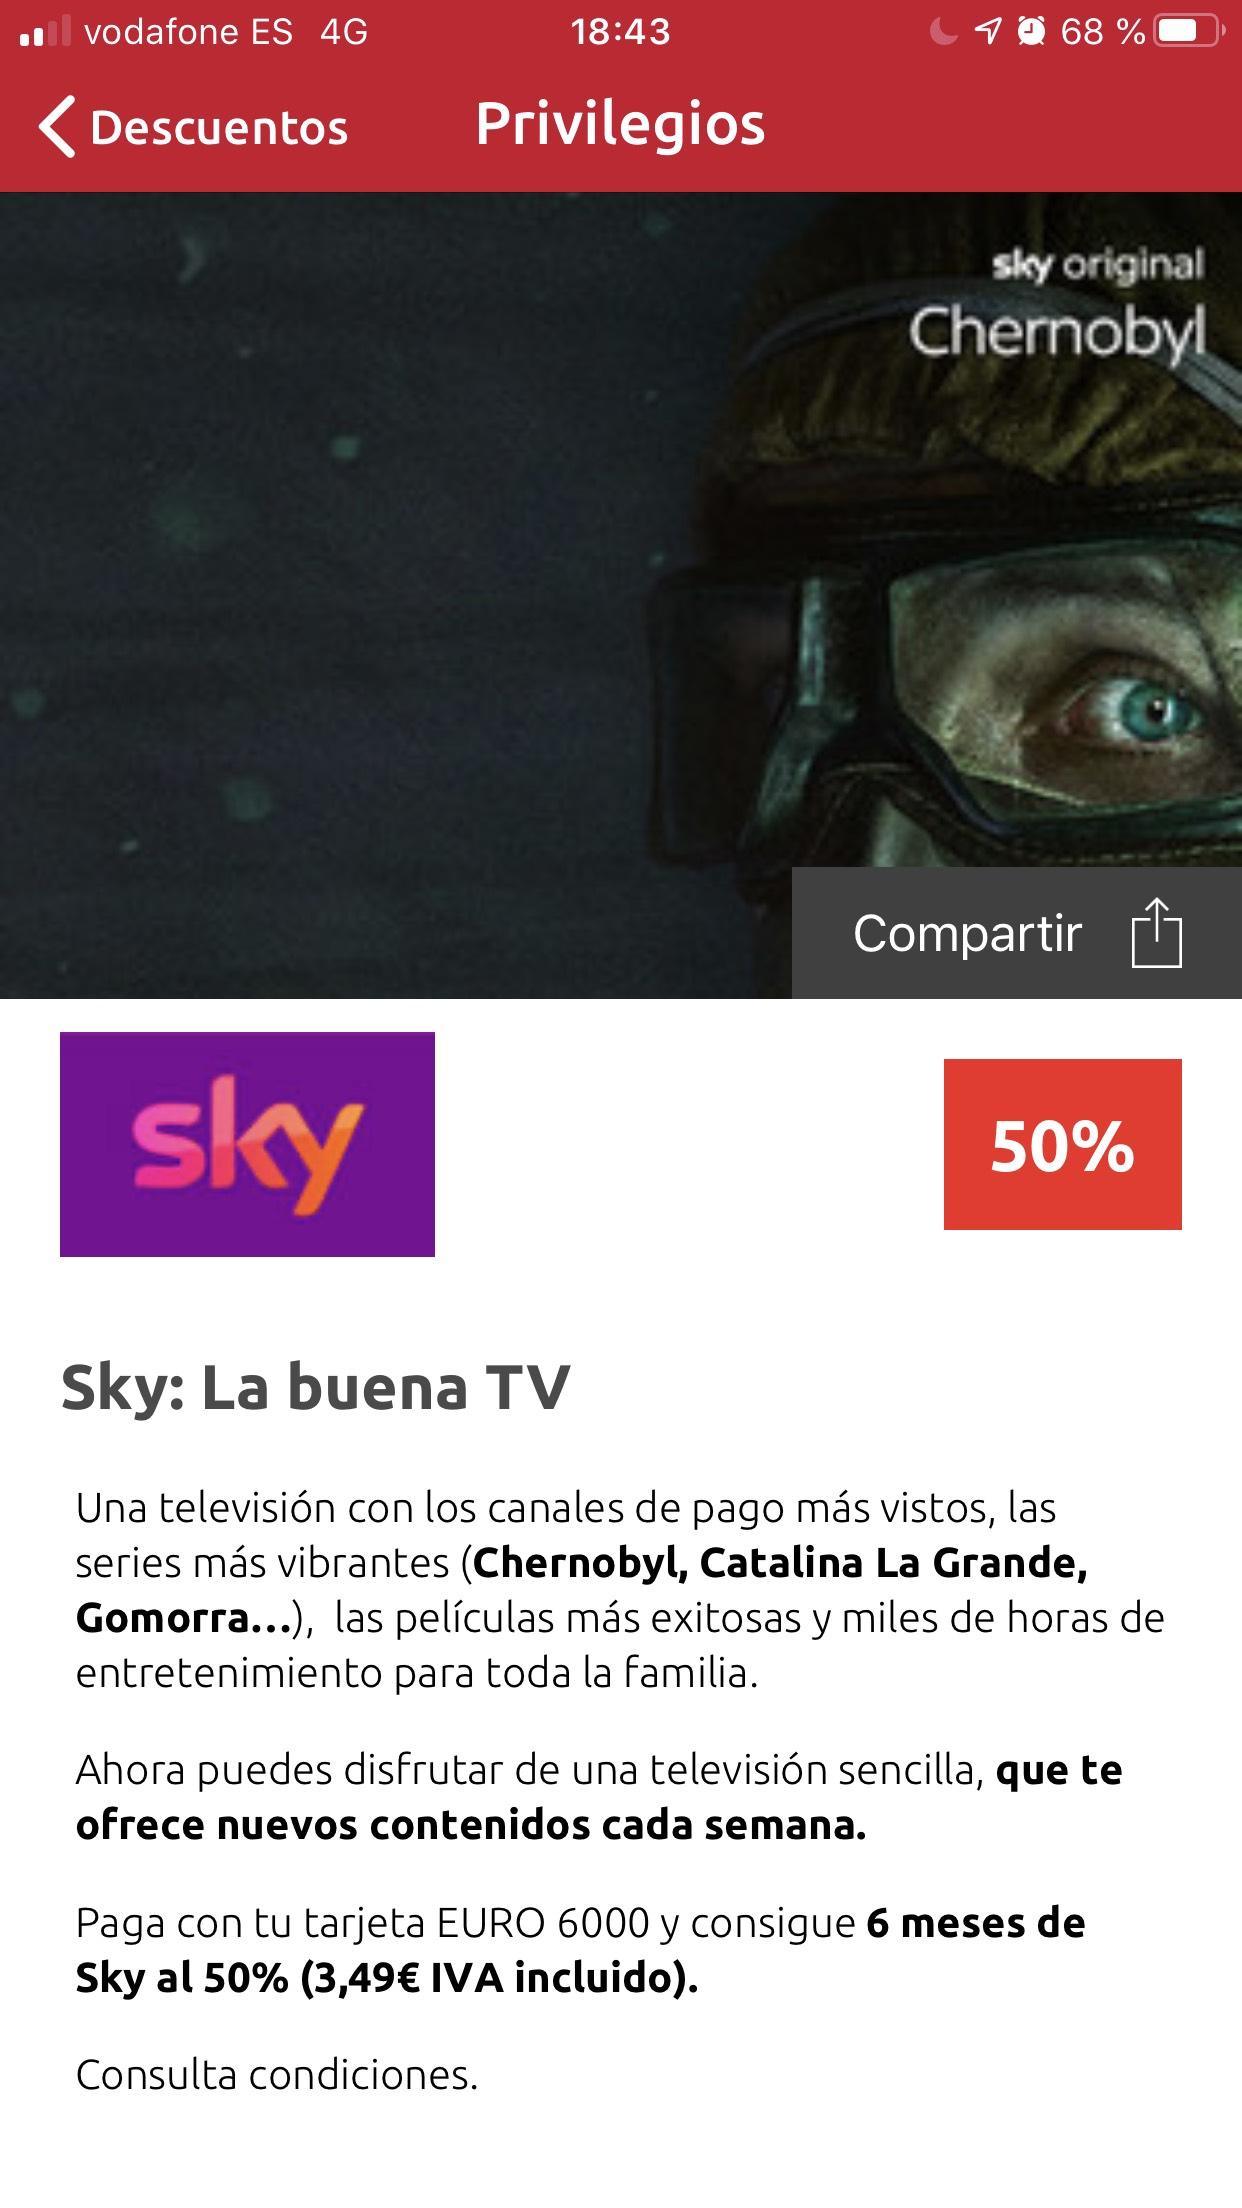 Sky -50% con euro6000